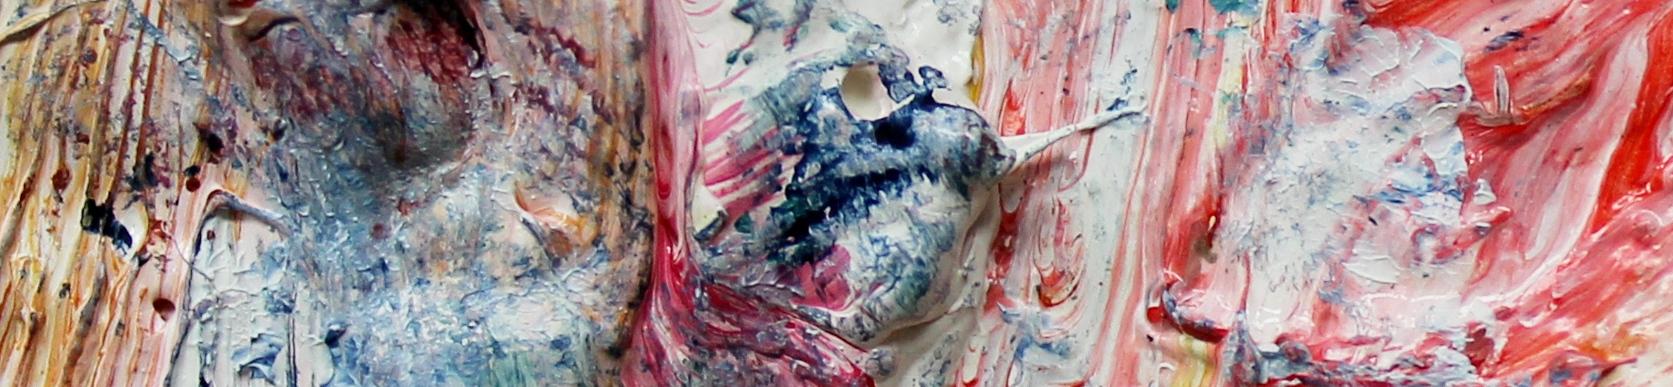 damer uden tøj på billeder www gratis sex